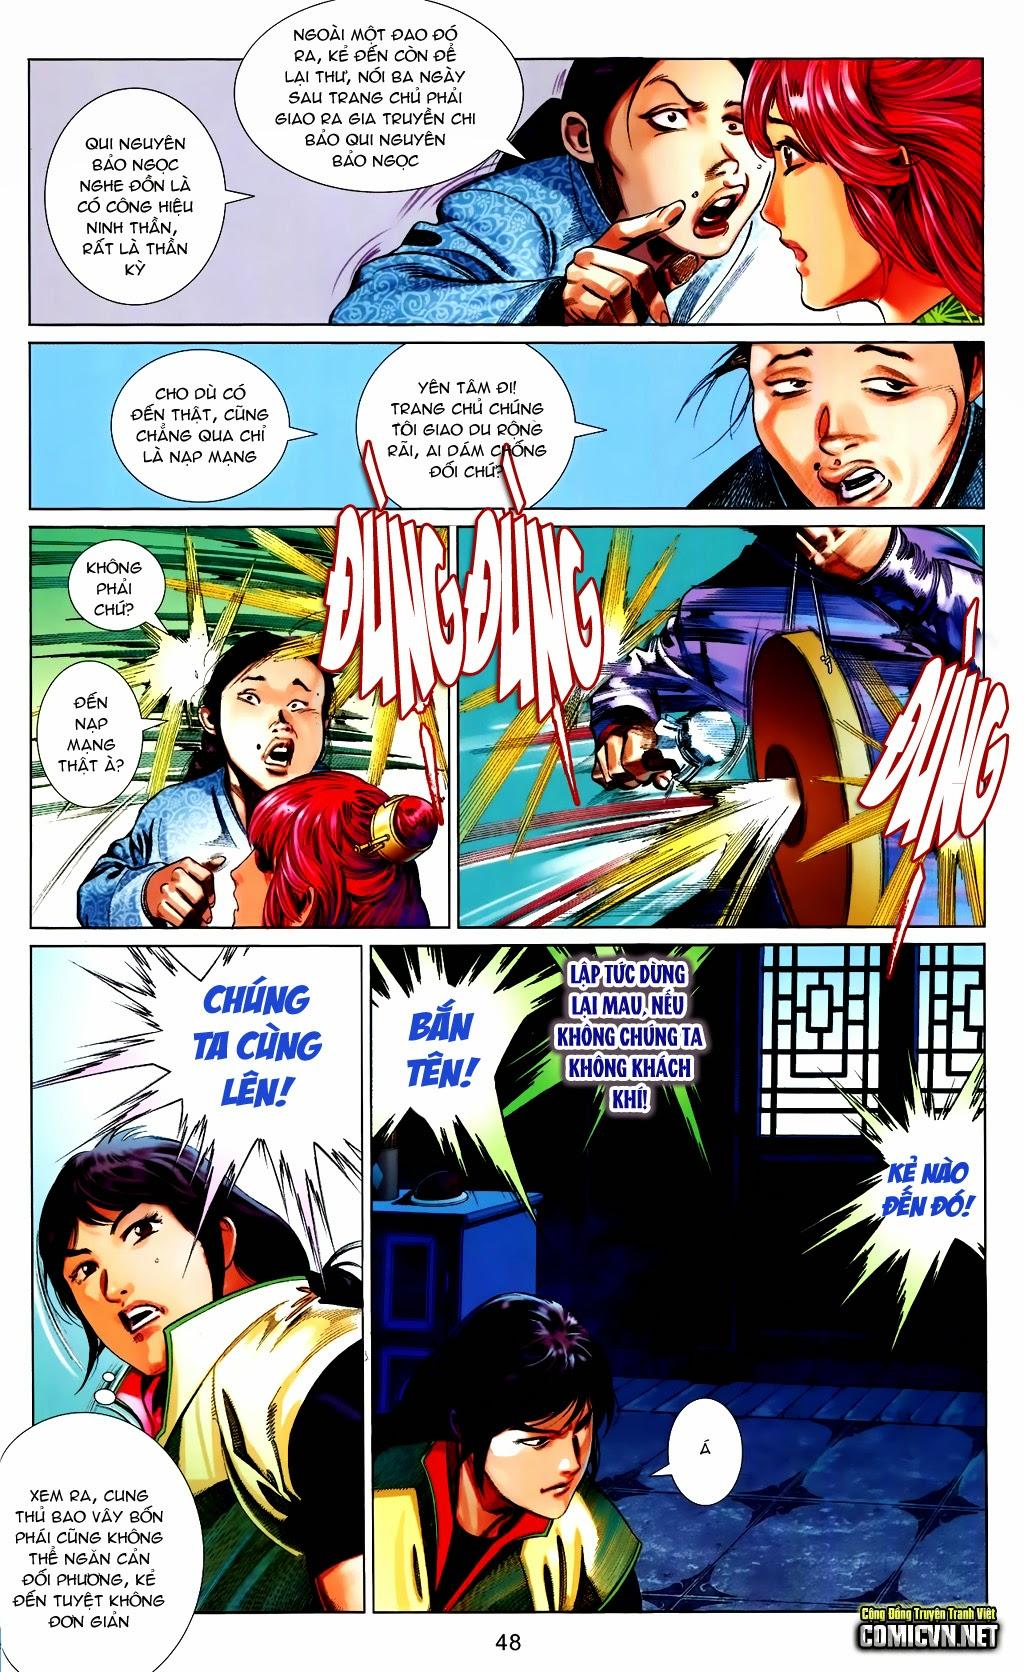 Phong Vân Chap 663 - Trang 48